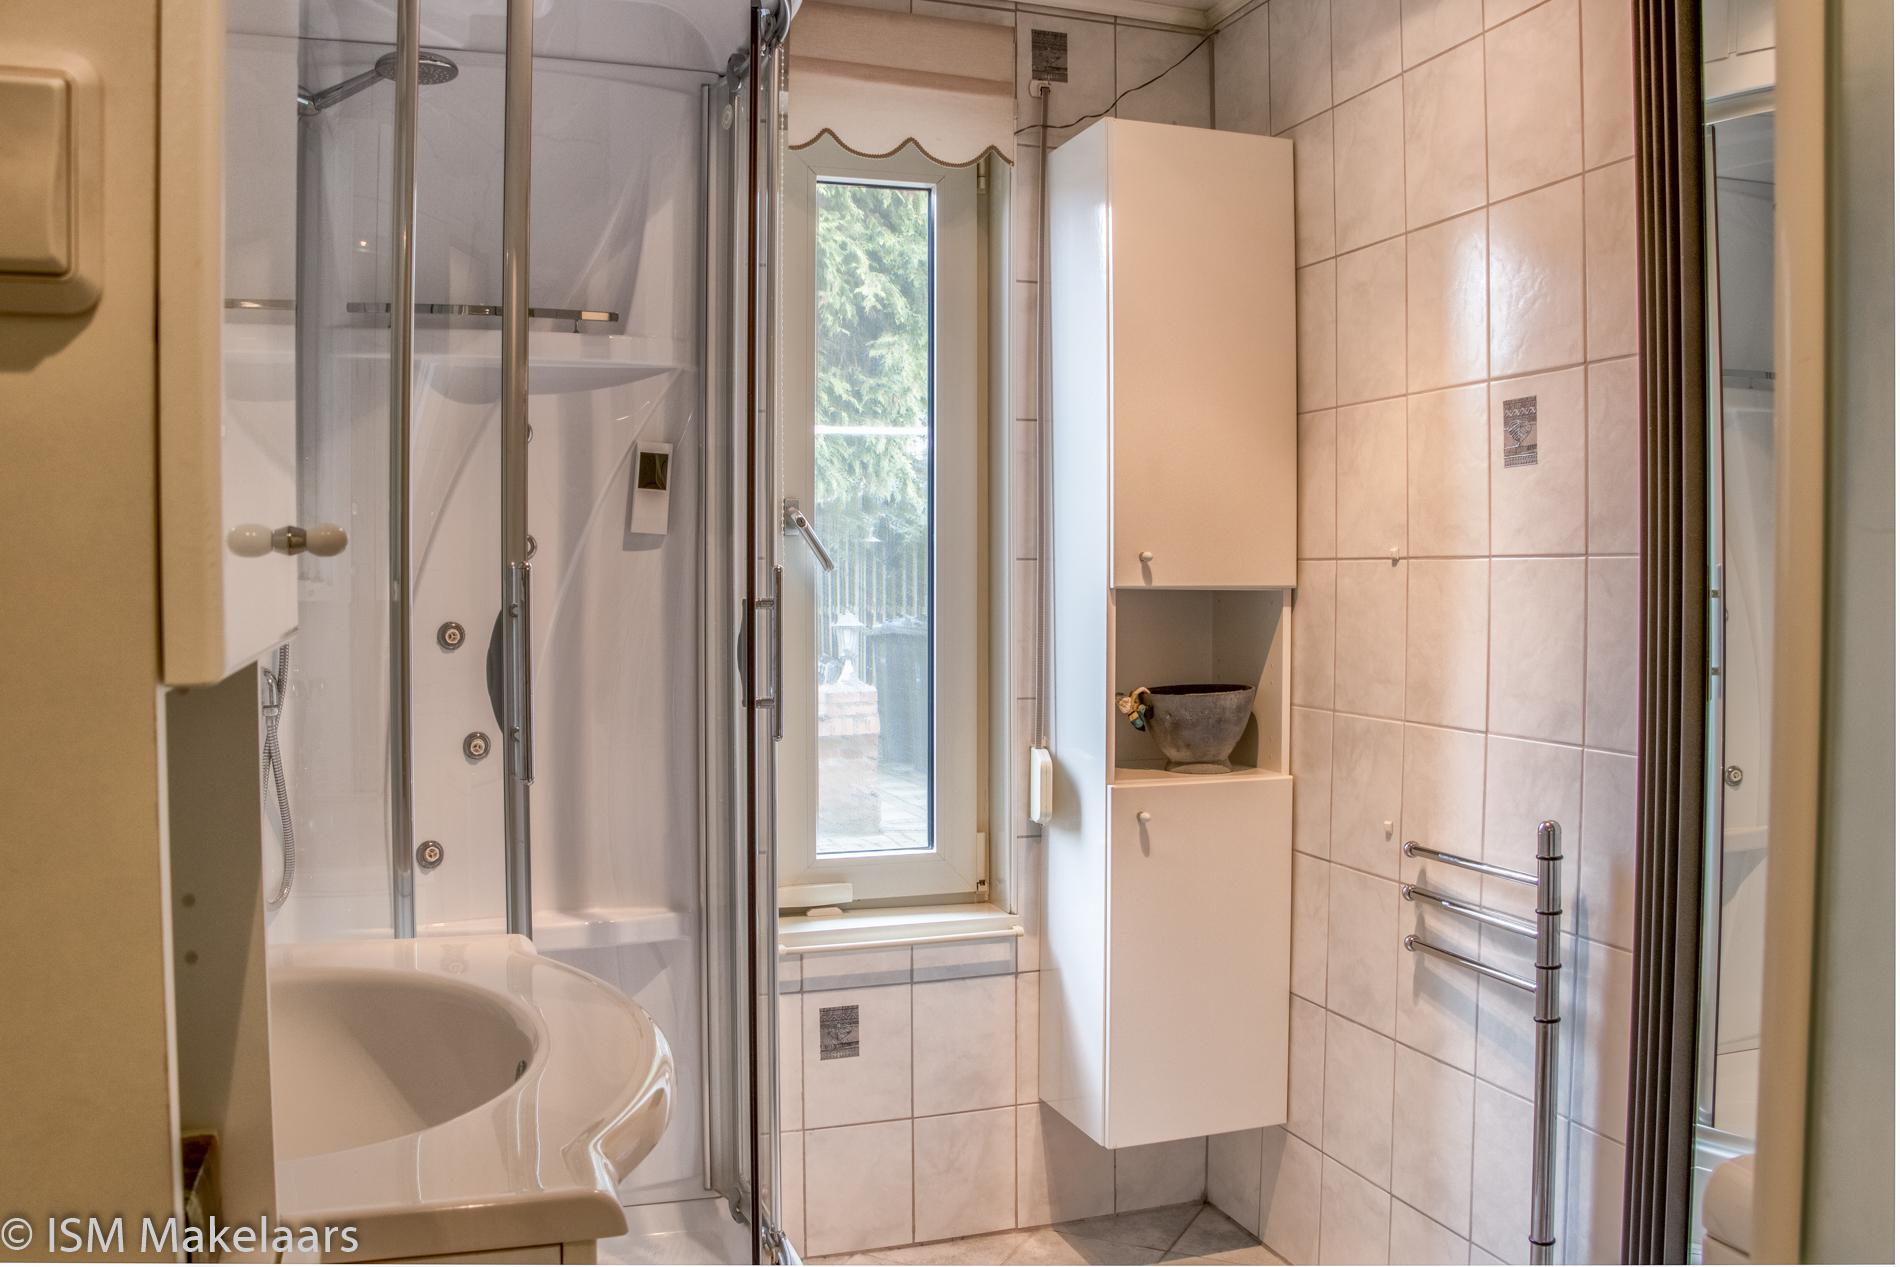 Badkamer  tervatenseweg 24 kloetinge ISM makelaars